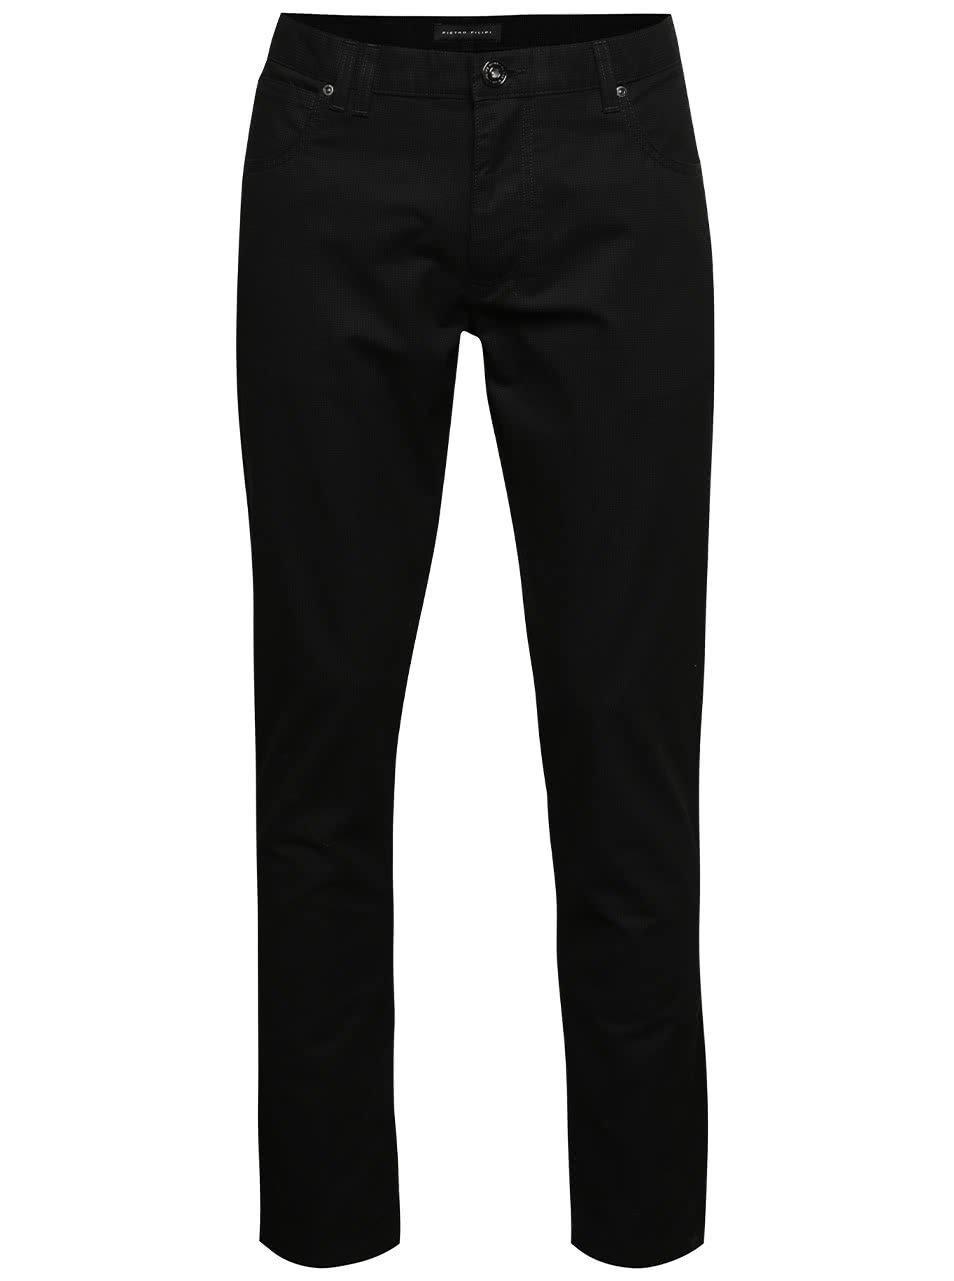 Tmavě šedé pánské kalhoty s jemným kostkovaným vzorem Pietro Filipi